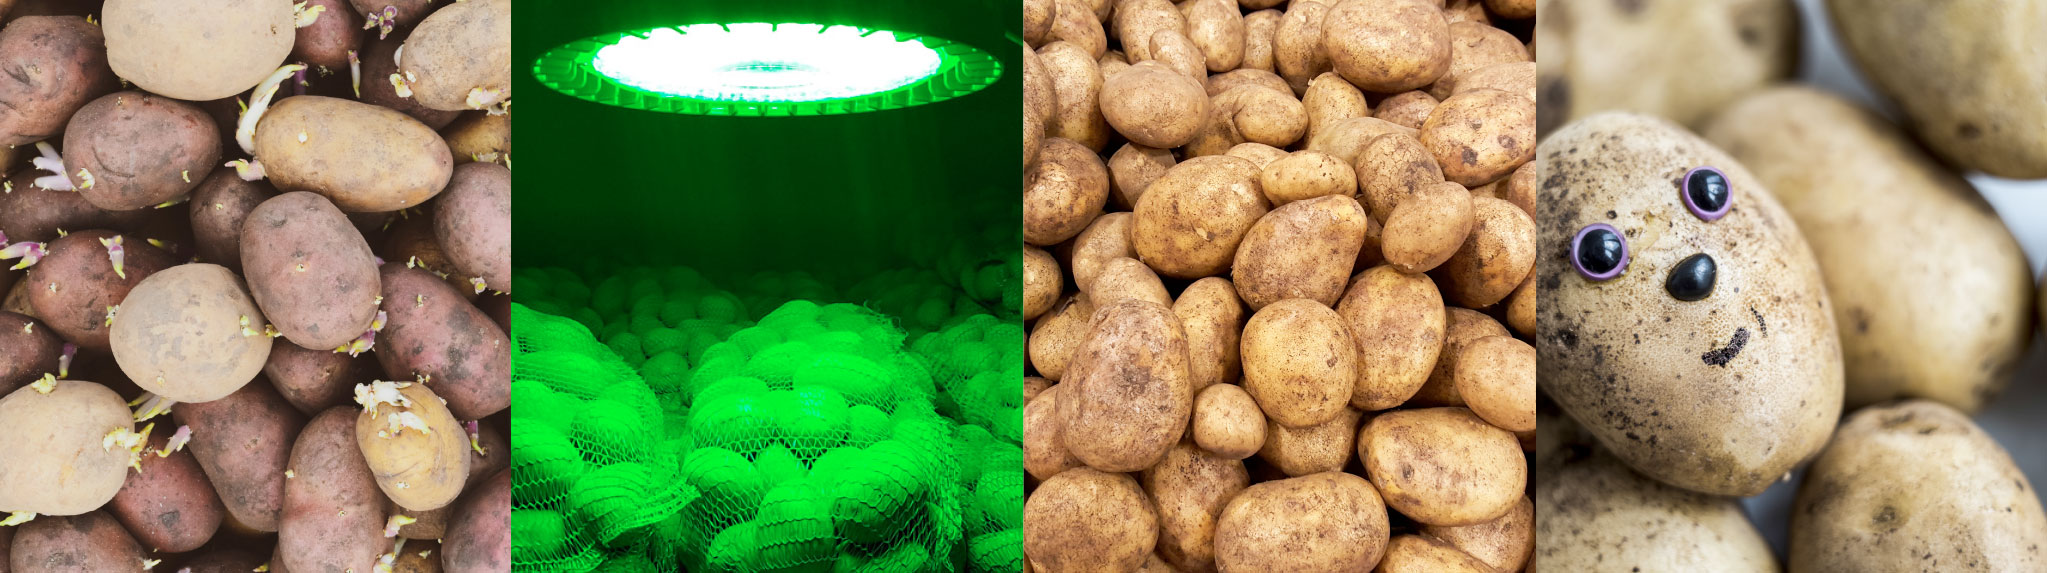 Agrarbeleuchtung landwirtschaftlicher Lagerräume LED-Leuchte E+HB380G protec ENERGYPLUS